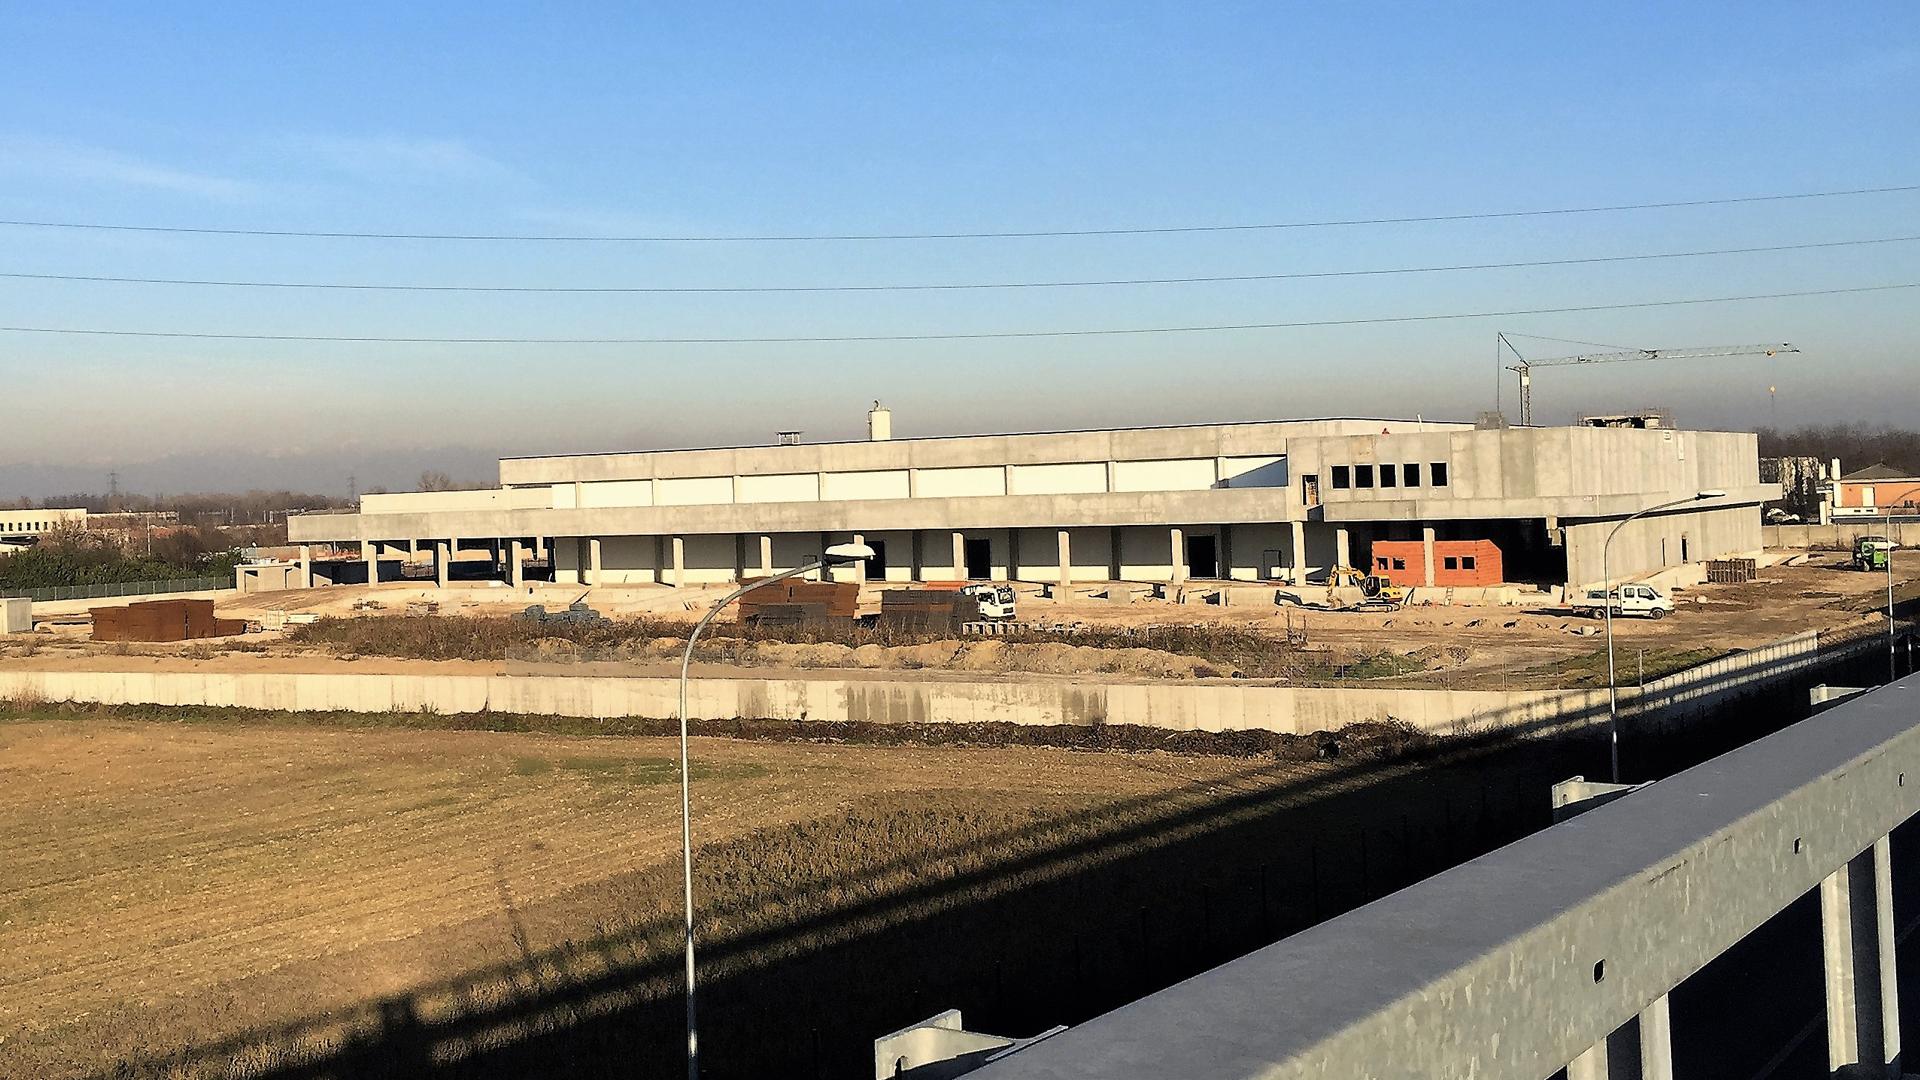 Progress sviluppo immobiliare Comavicola | SQM Real Estate miglior agenzia immobiliare per aziende industria terreni logistica sviluppo immobiliare